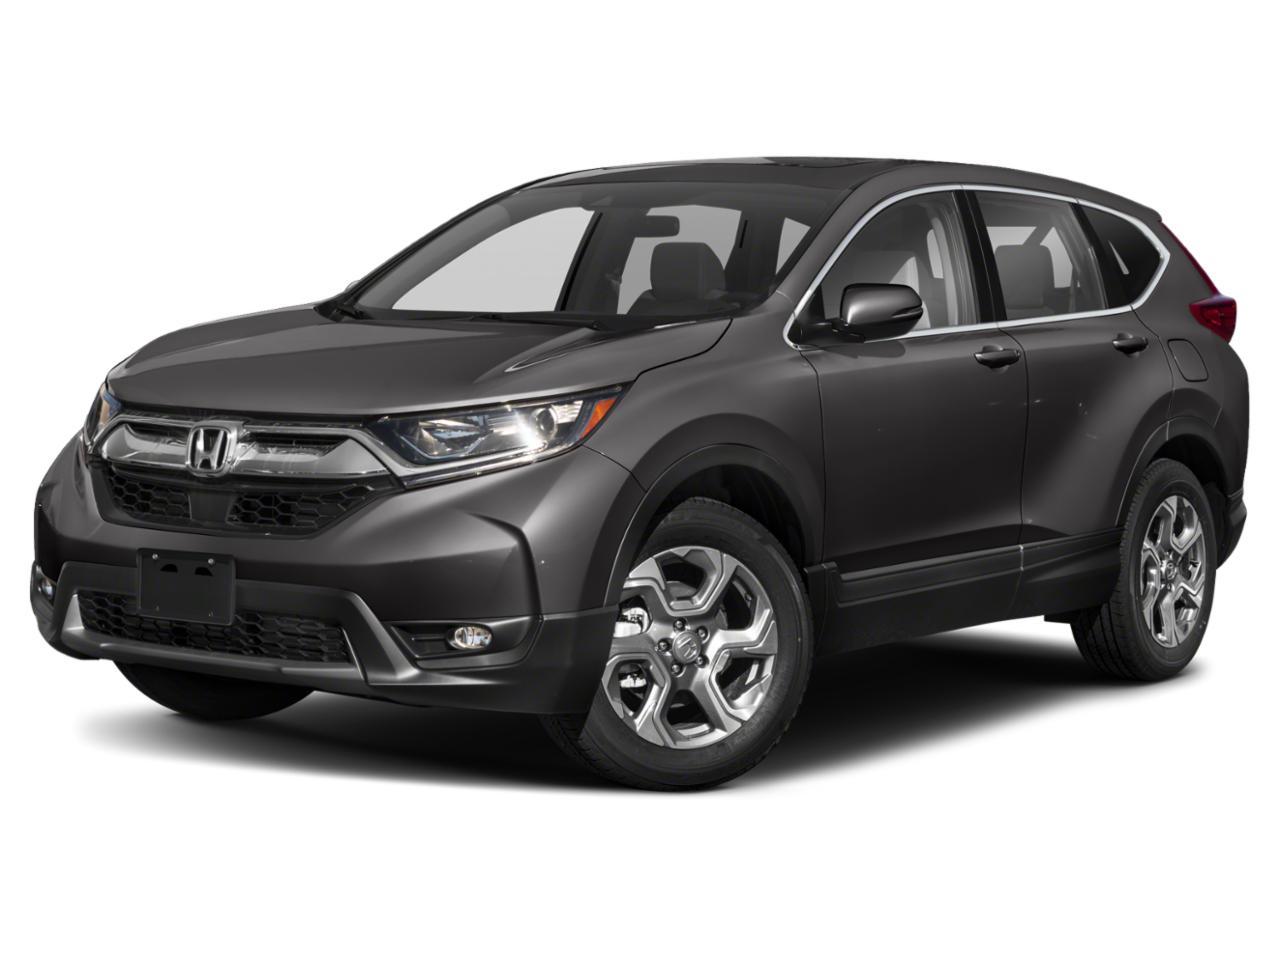 2019 Honda CR-V Vehicle Photo in Oshkosh, WI 54904